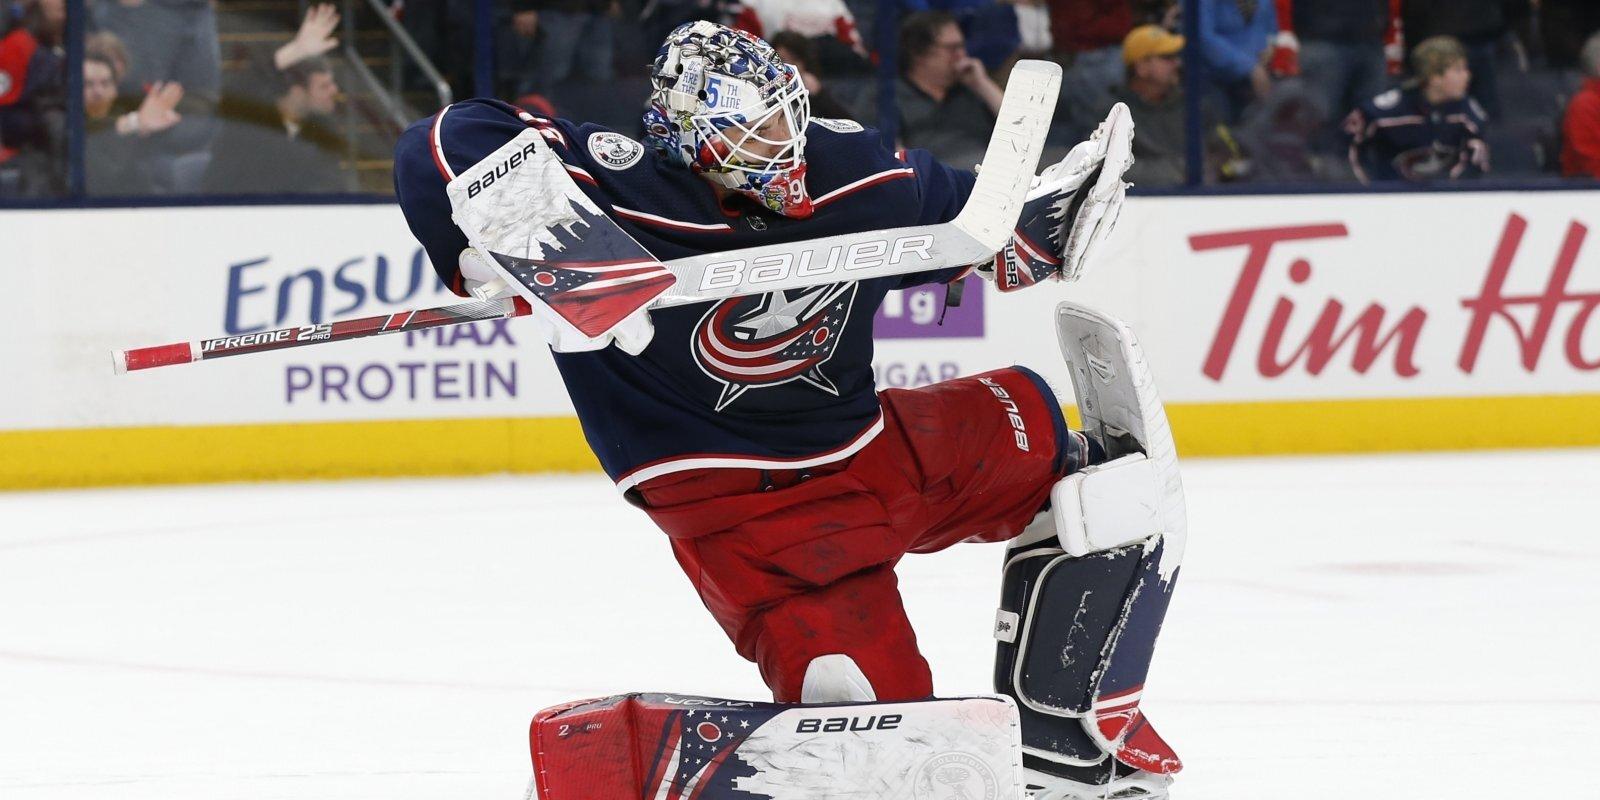 Merzļikins un NHL sezonas labākā debitanta balva: cerības un realitāte